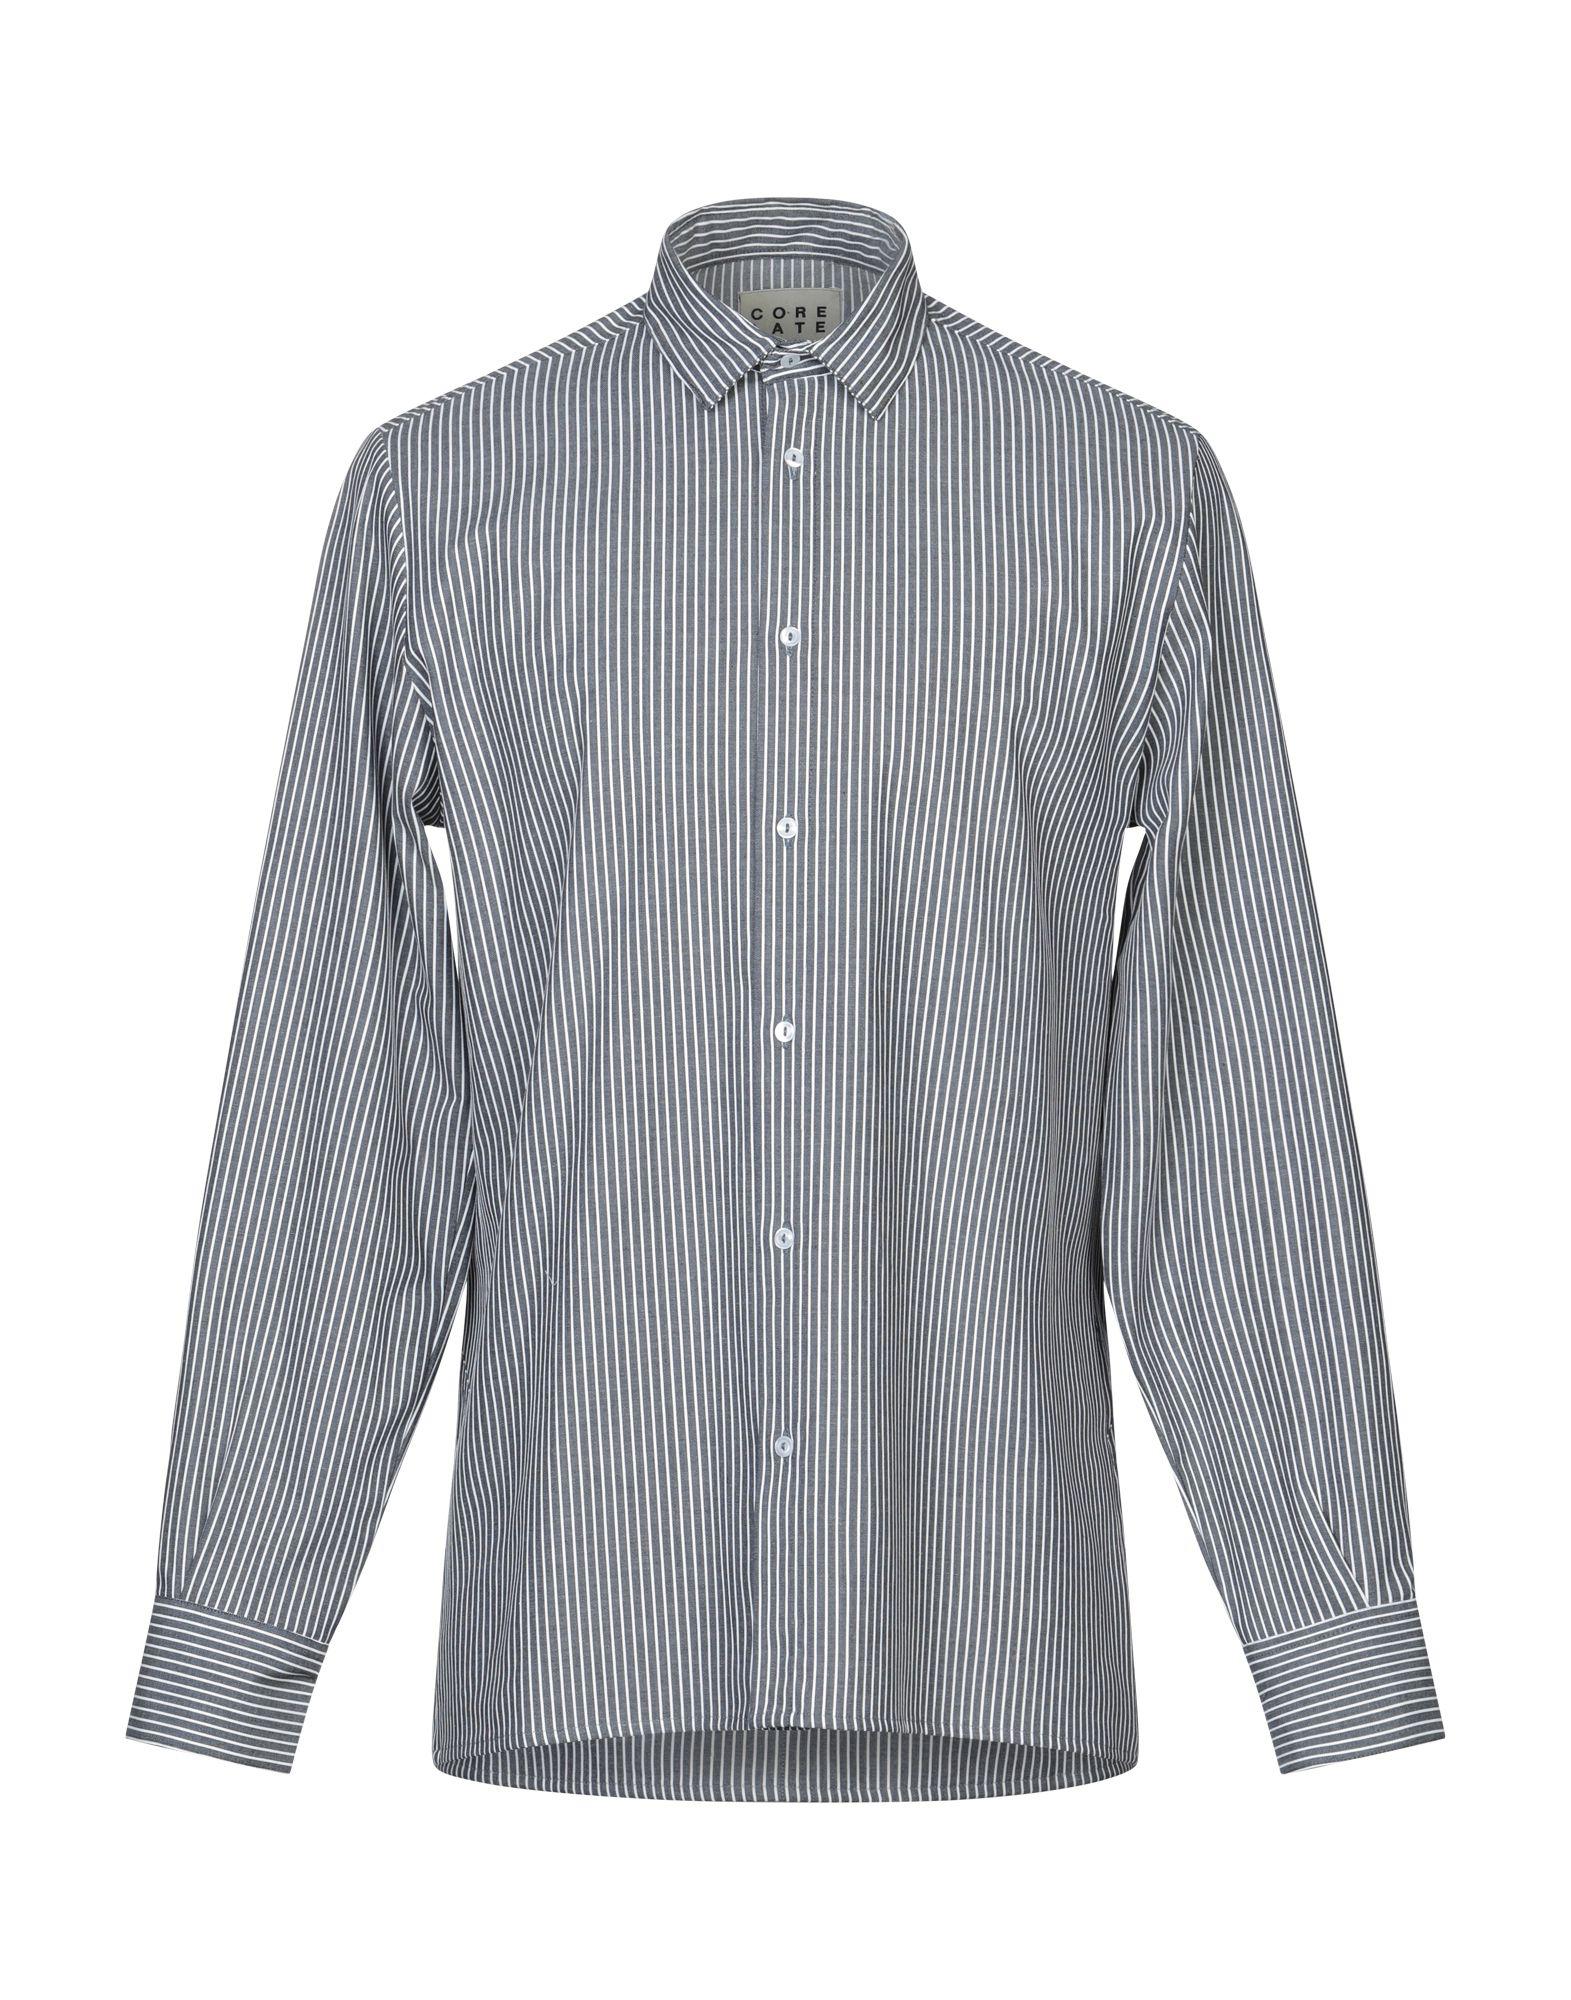 Camicia Camicia A Righe Corelate uomo - 38801814UM  60% Rabatt